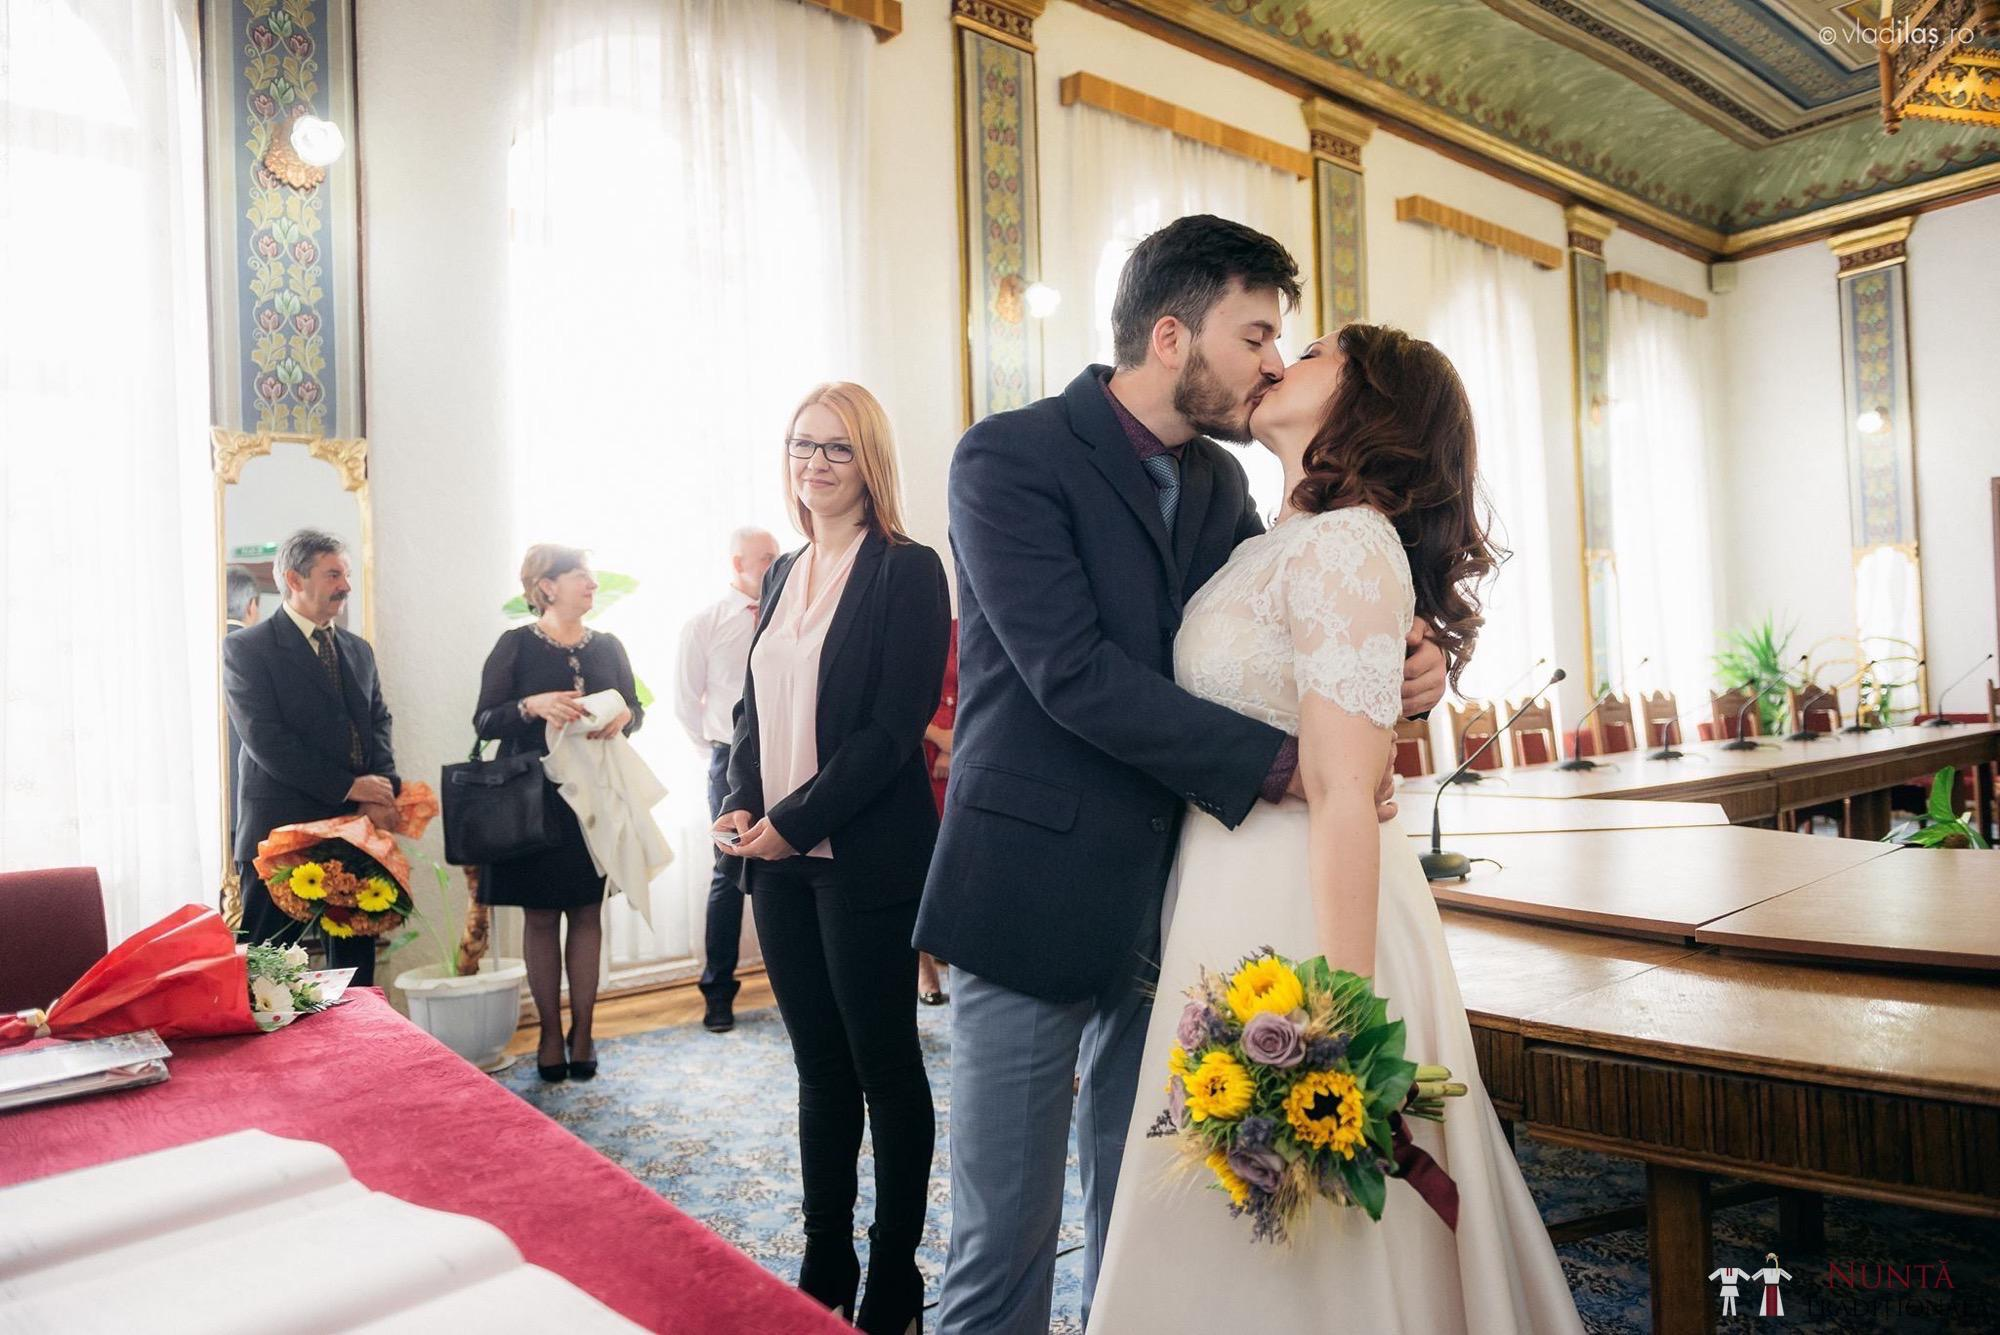 Povești Nunți Tradiționale - Oana și Sergiu - Nuntă tradițională-n Pojorâta, Bucovina 42